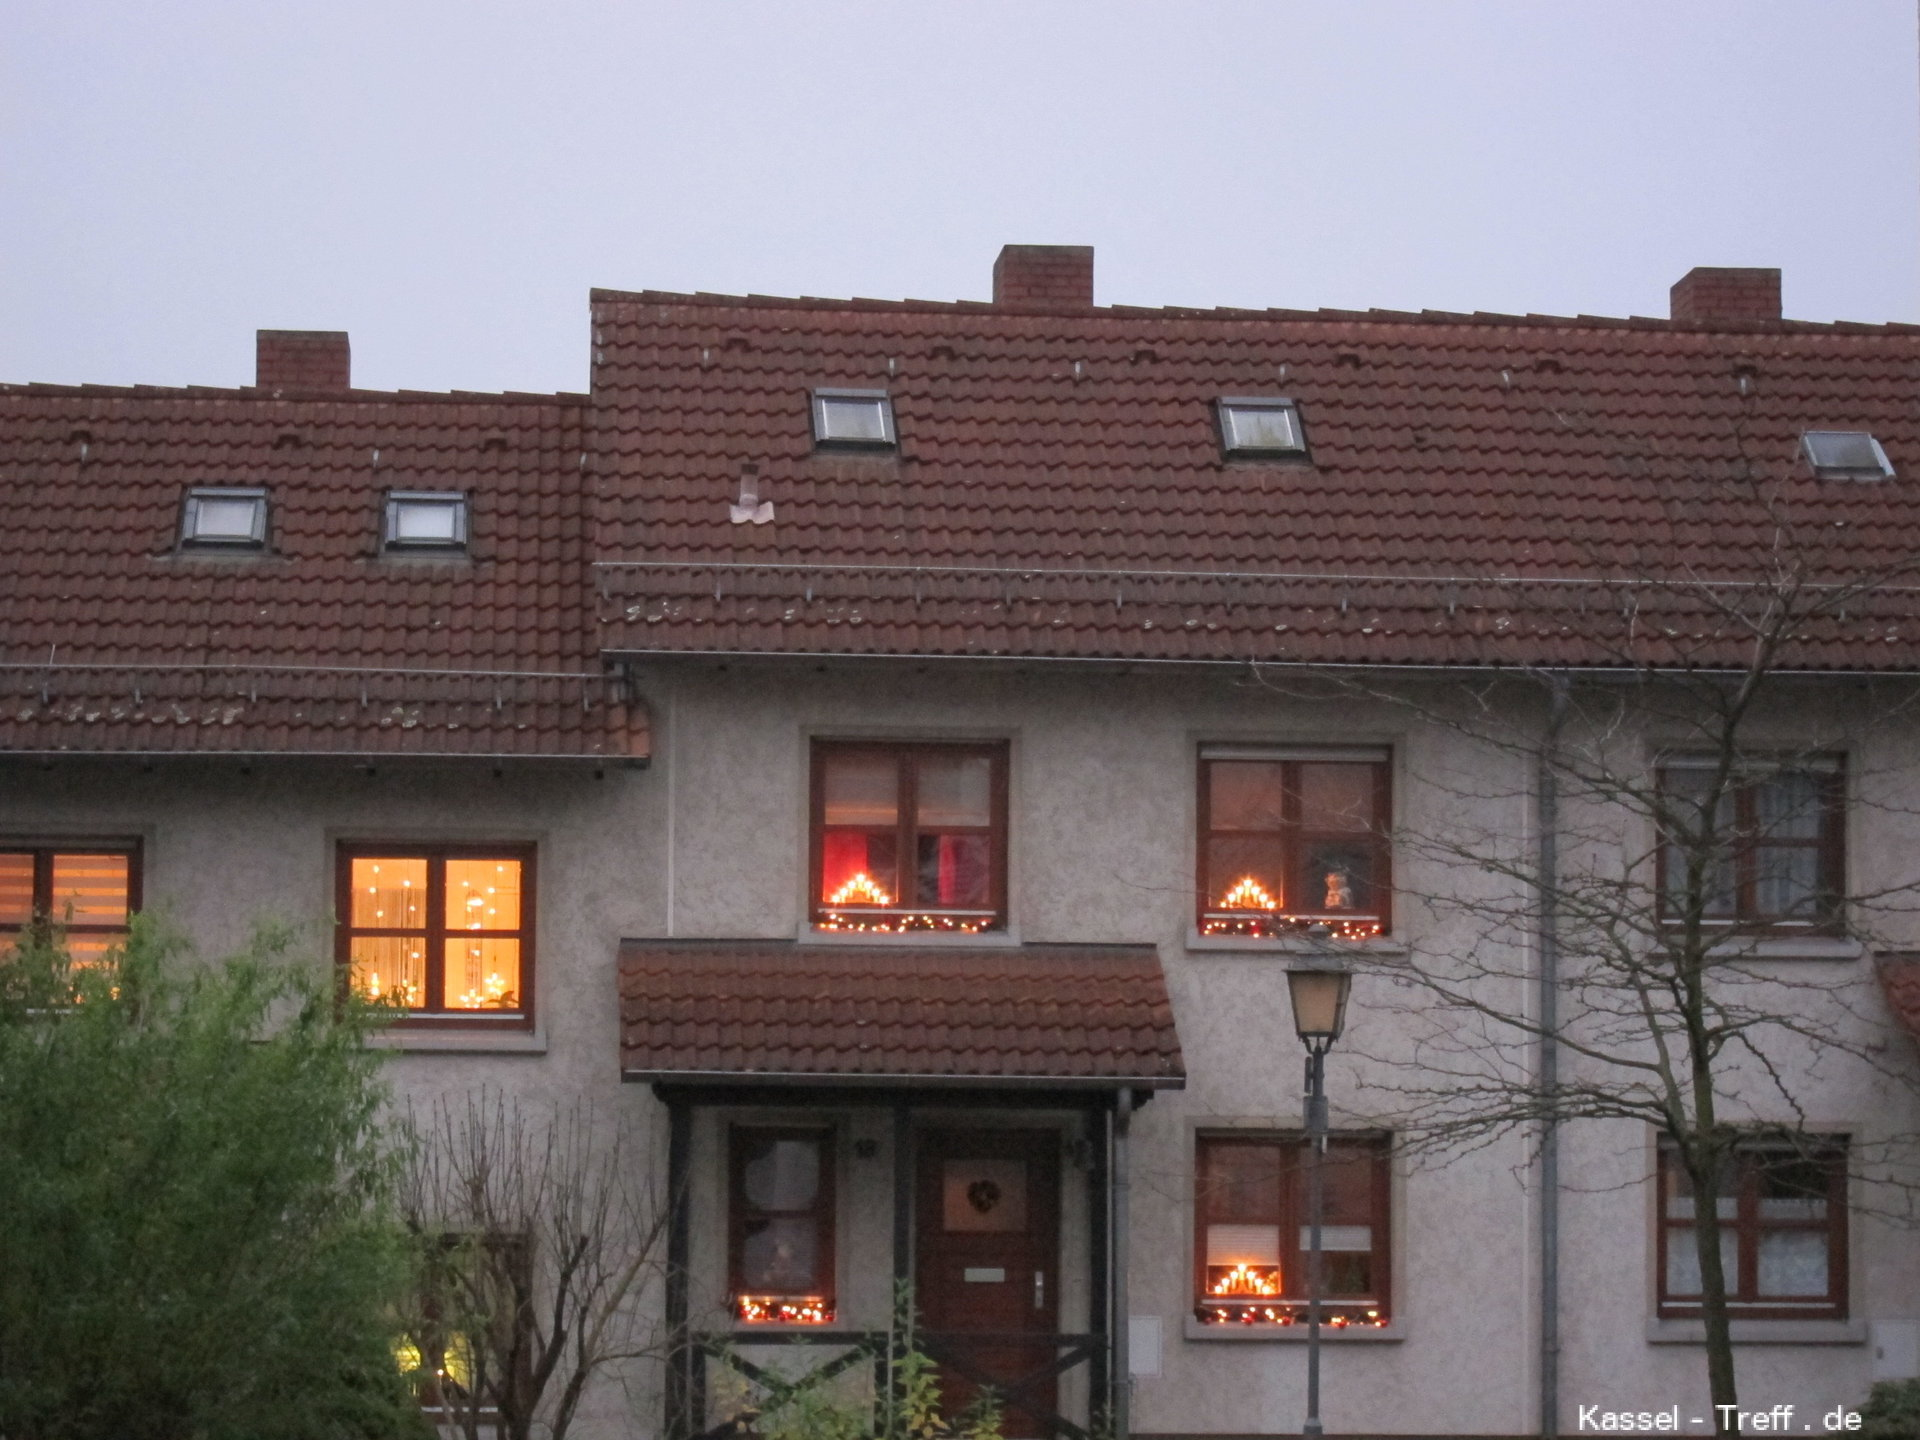 Weihnachtsbeleuchtung Forum.Weihnachtsbeleuchtung In Fenstern Kassel Nordhessen Forum